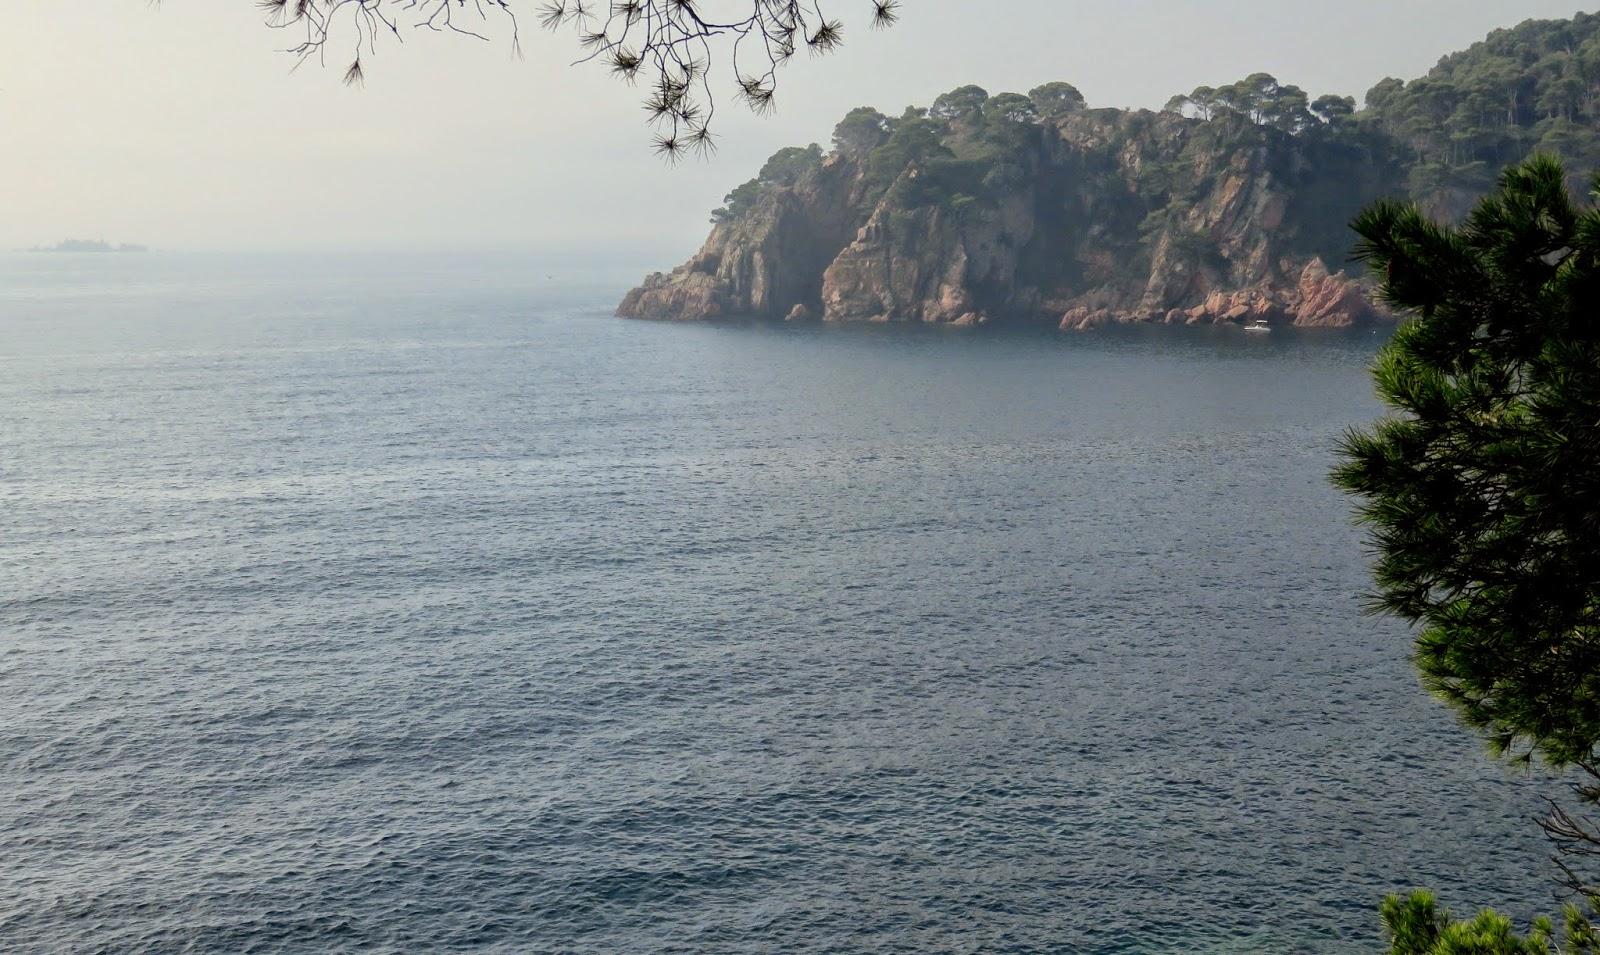 calella de palafrugell,  cami de ronda,  playa del castell, cap roig